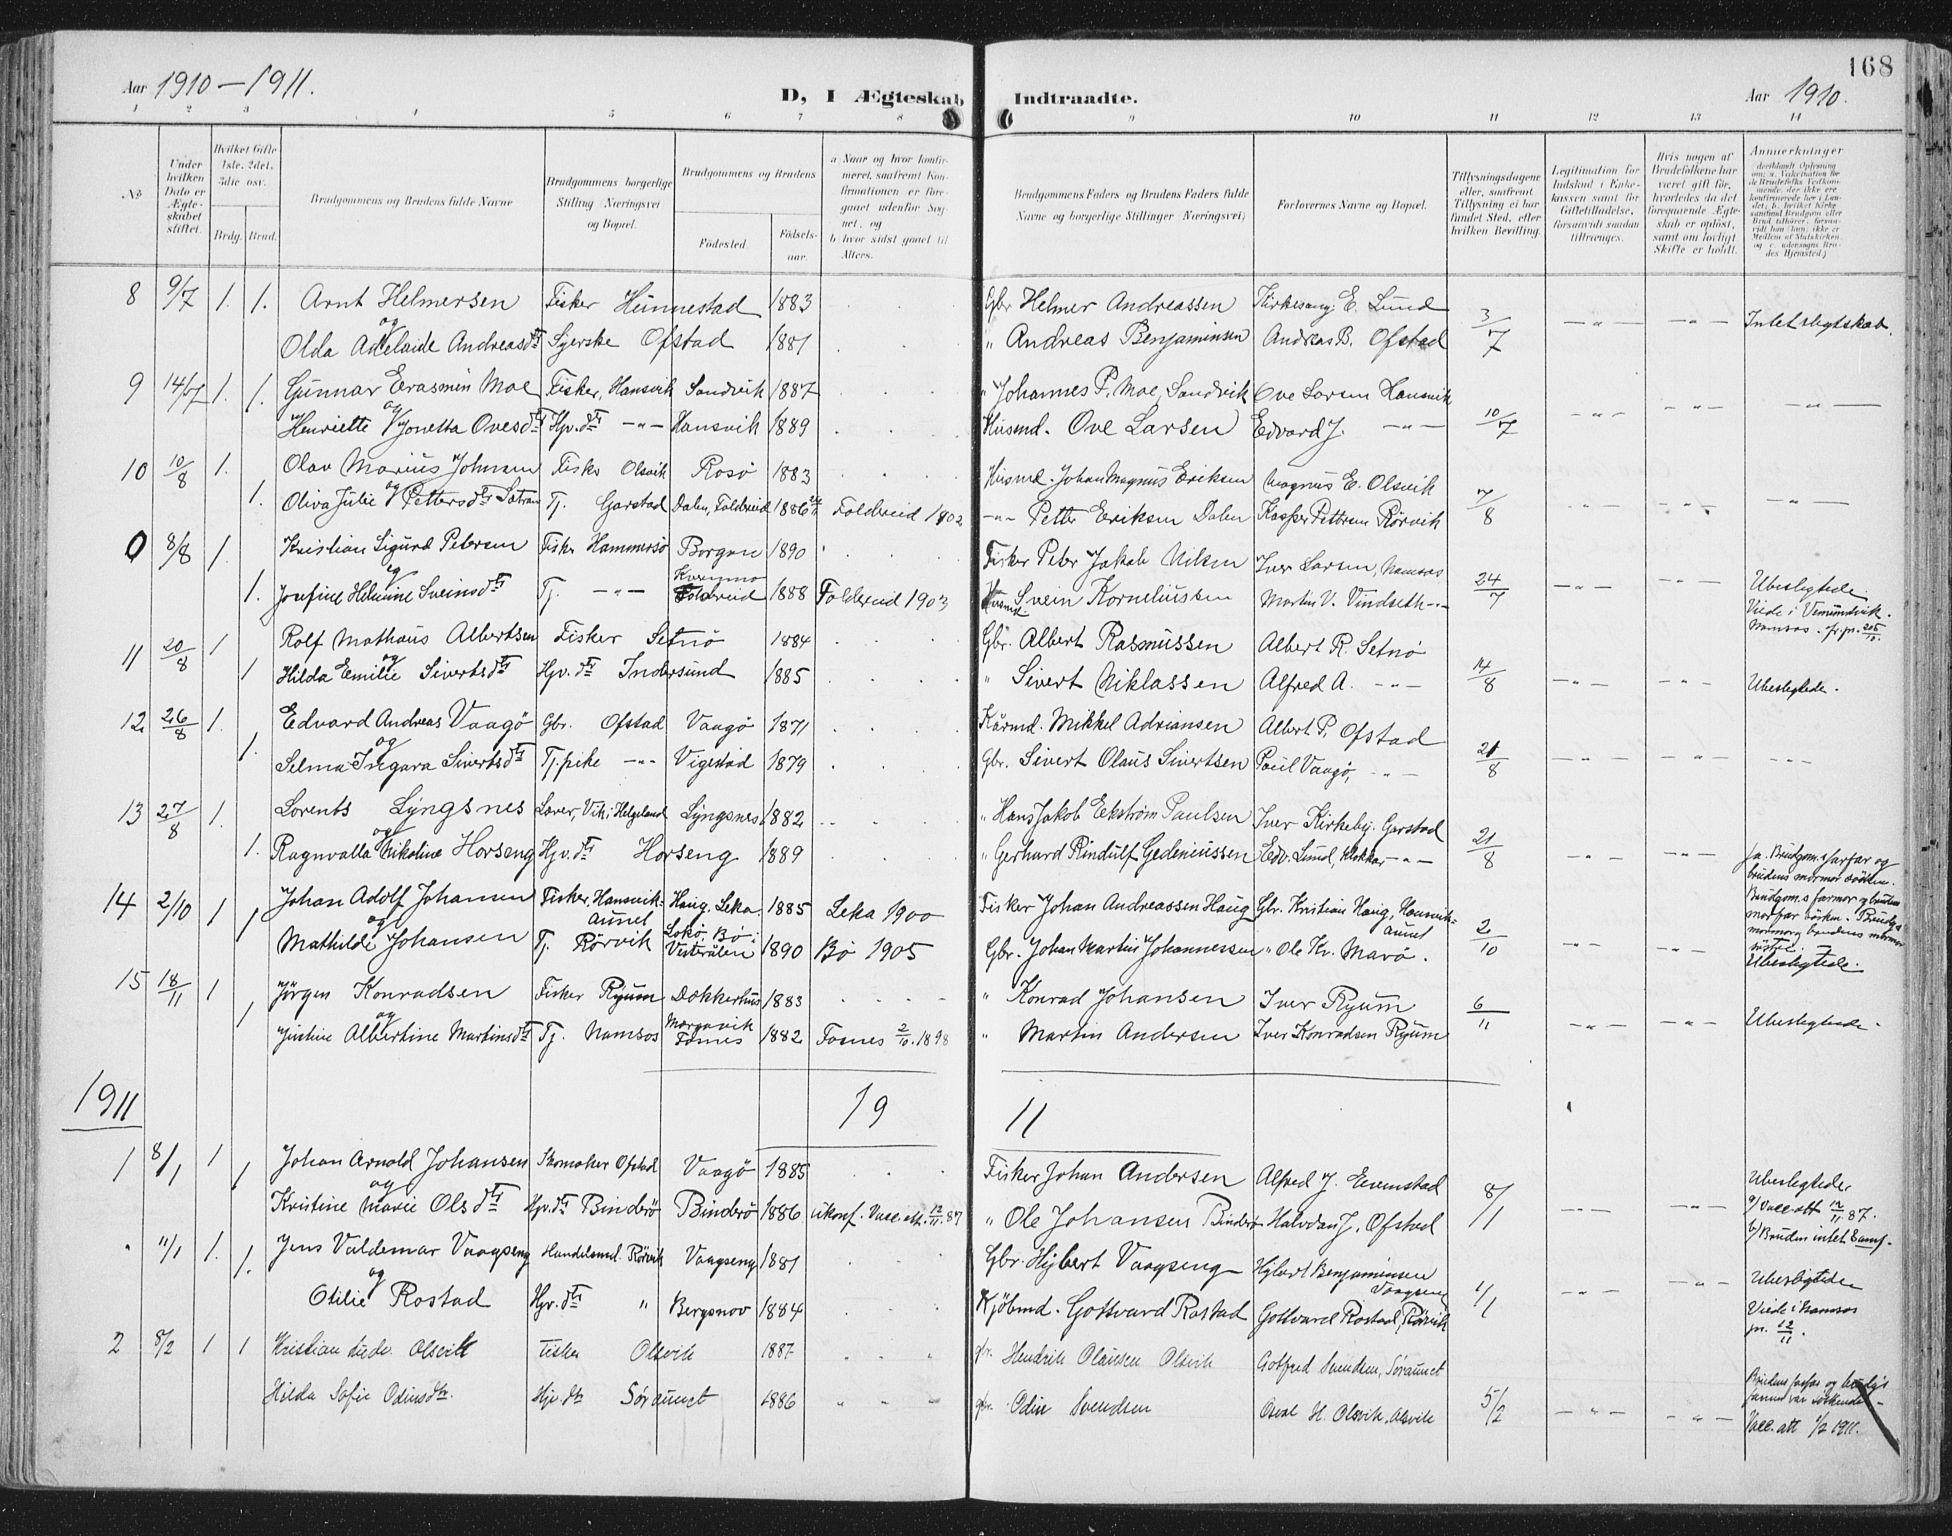 SAT, Ministerialprotokoller, klokkerbøker og fødselsregistre - Nord-Trøndelag, 786/L0688: Ministerialbok nr. 786A04, 1899-1912, s. 168